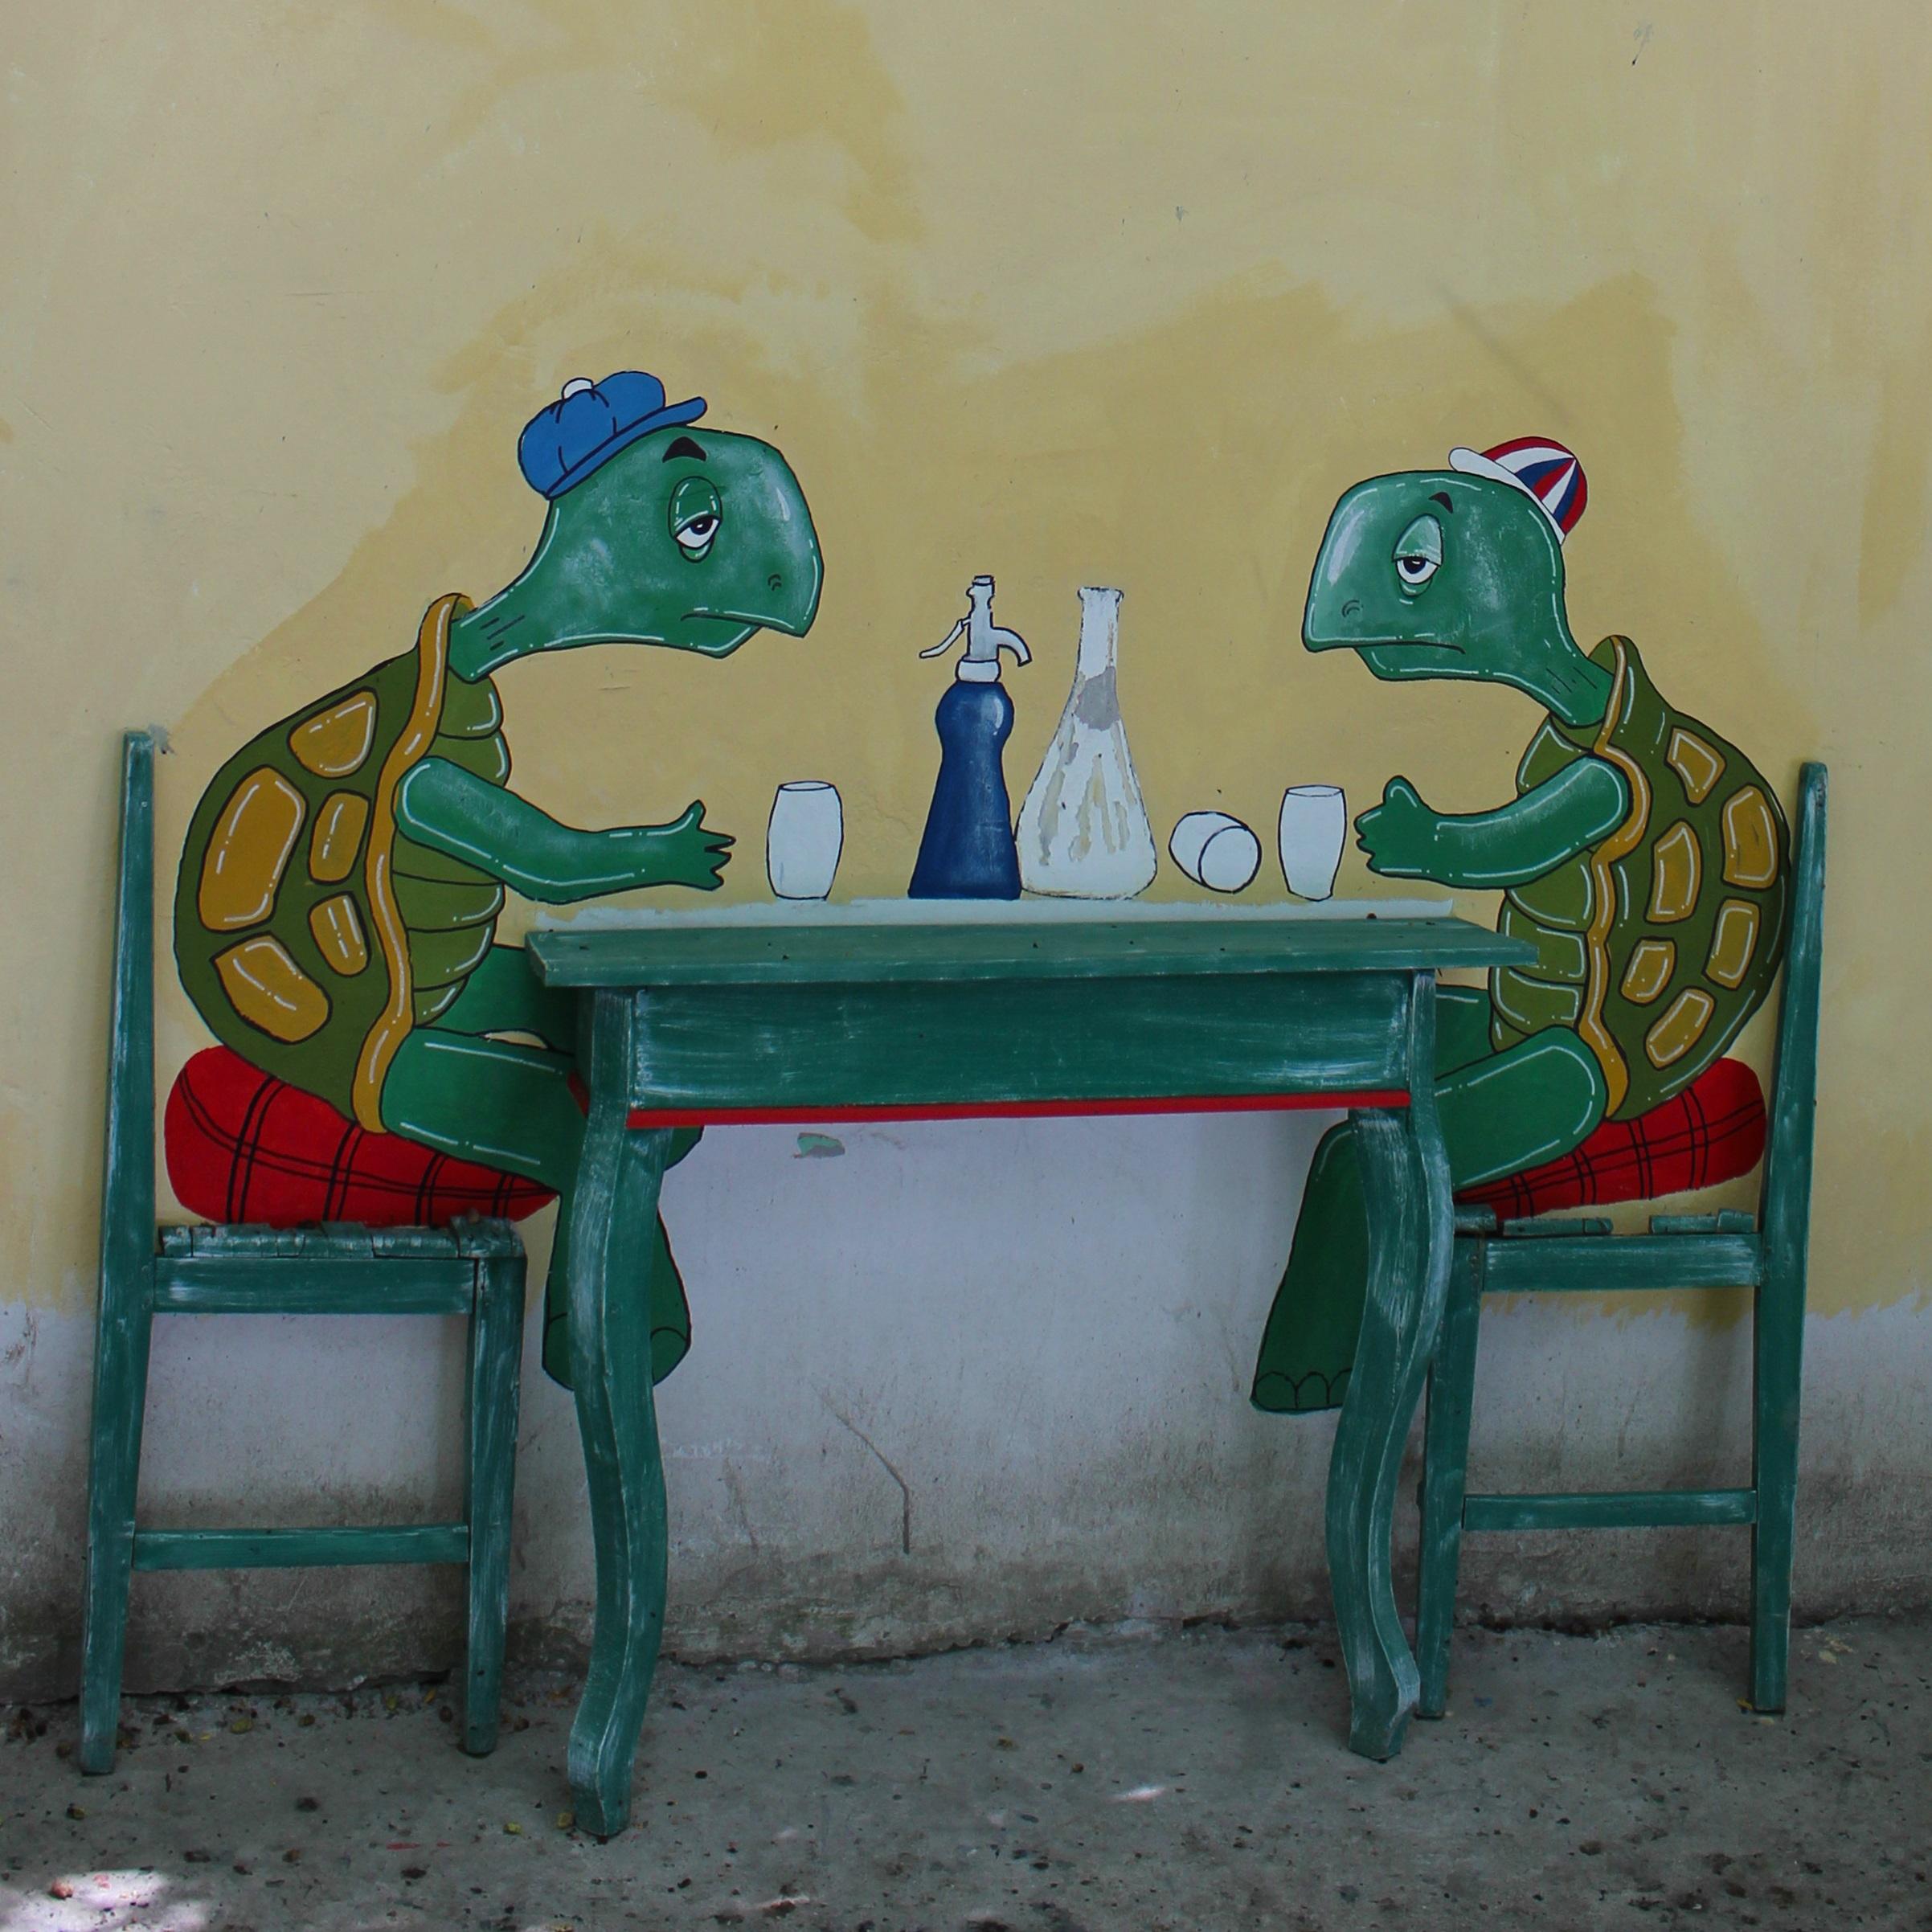 Fotos gratis : creativo, textura, pared, verde, color, pintar, azul ...